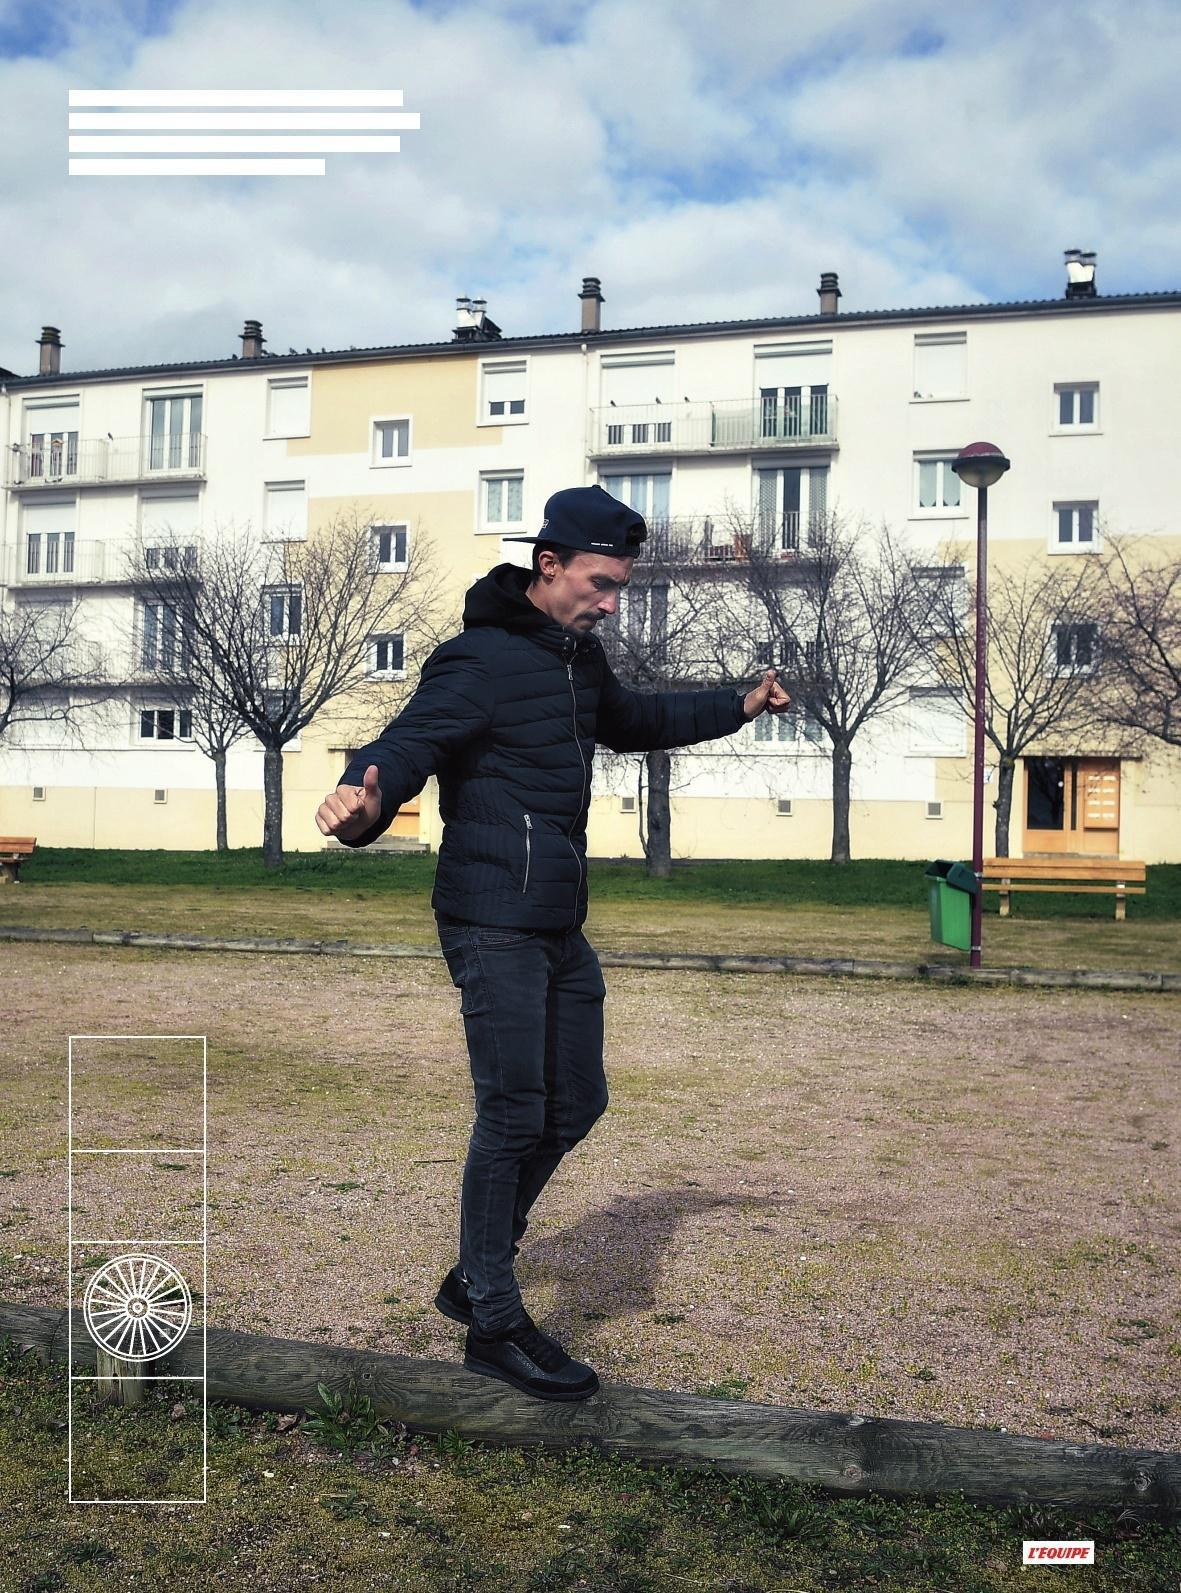 PAR JEAN-LUC GATELLIER À SAINT-AMANDMONTROND (CHER),jlgatellier@lequipe.fr